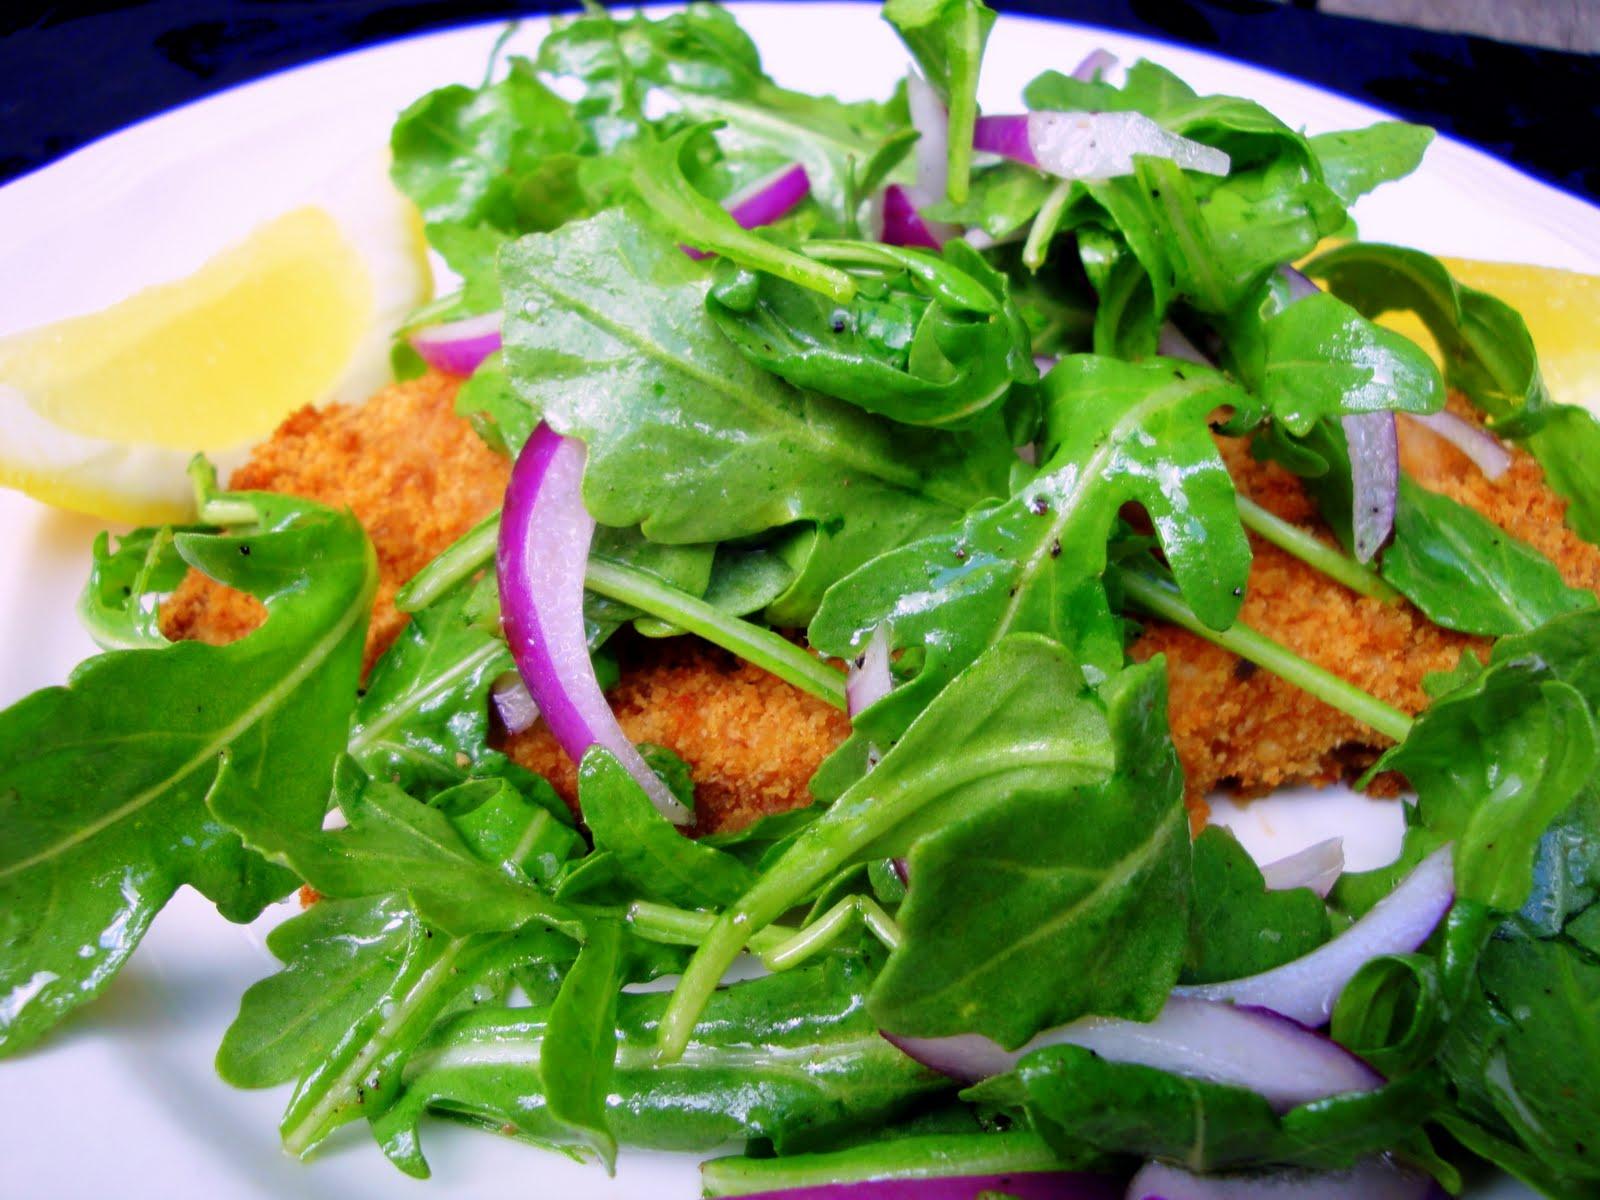 ... arugula salad scrummy warm arugula salad watermelon feta and arugula